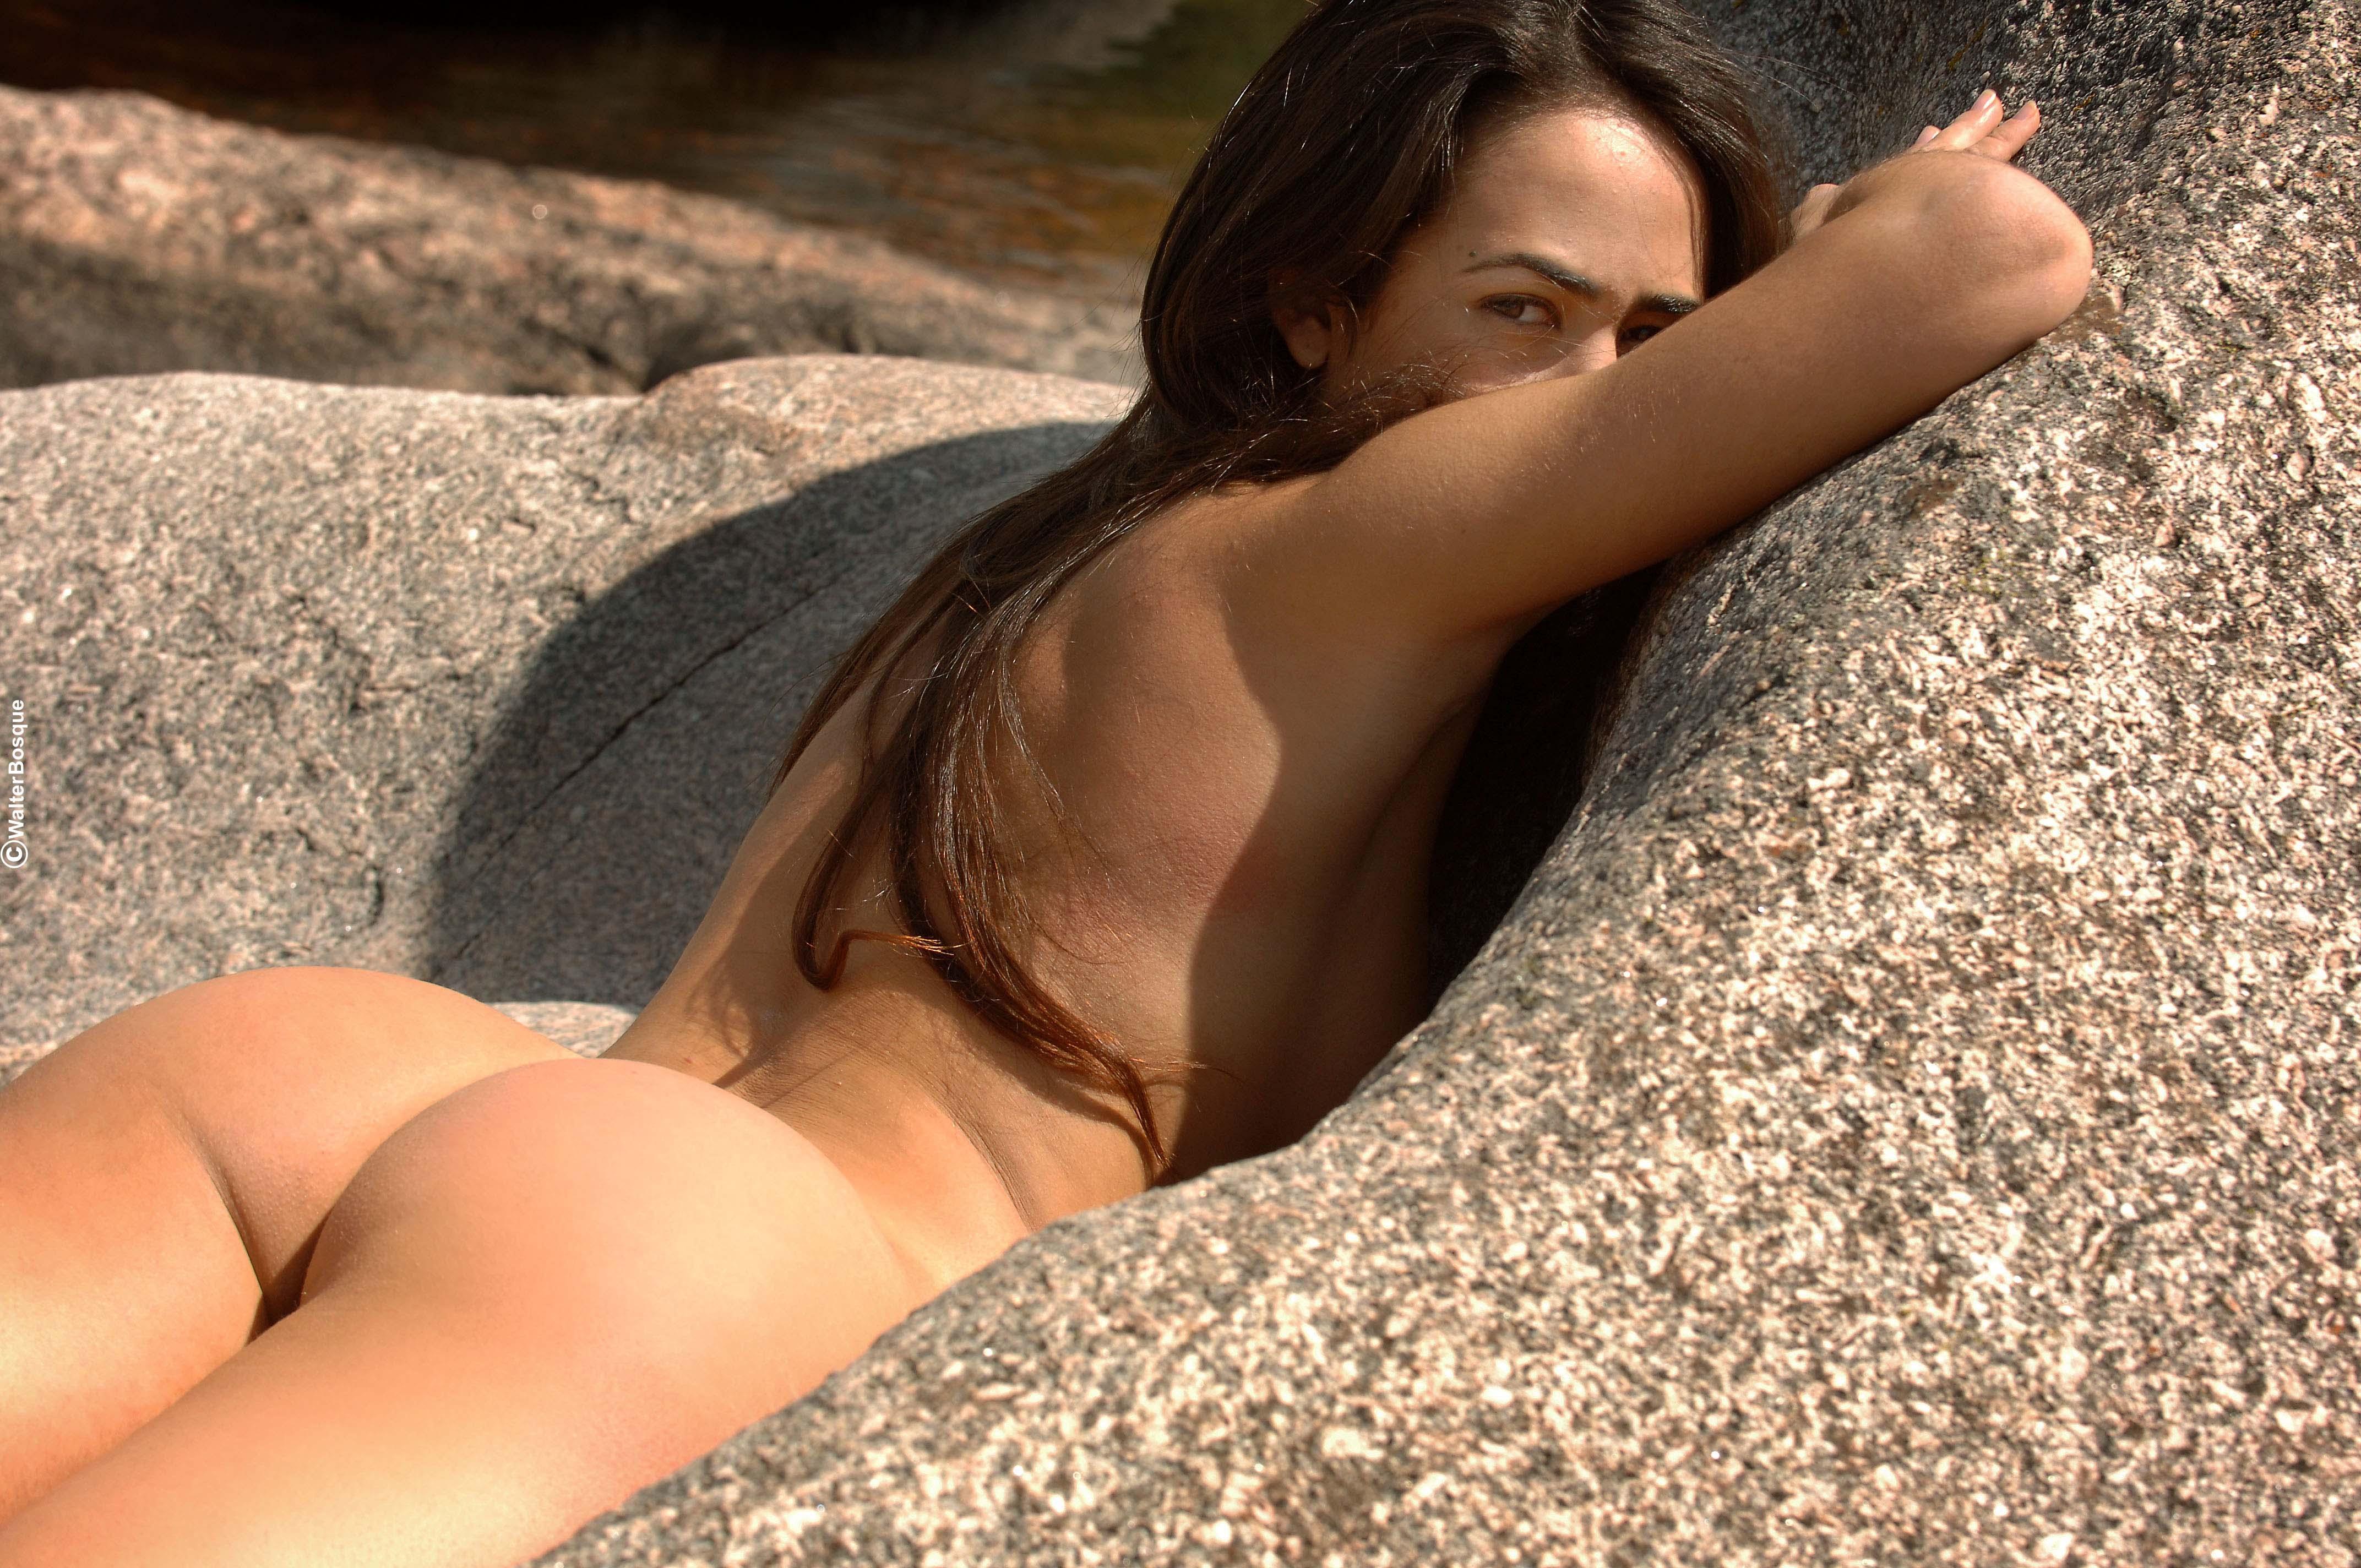 Секси попка hd смотреть 720 hd бесплатно 25 фотография